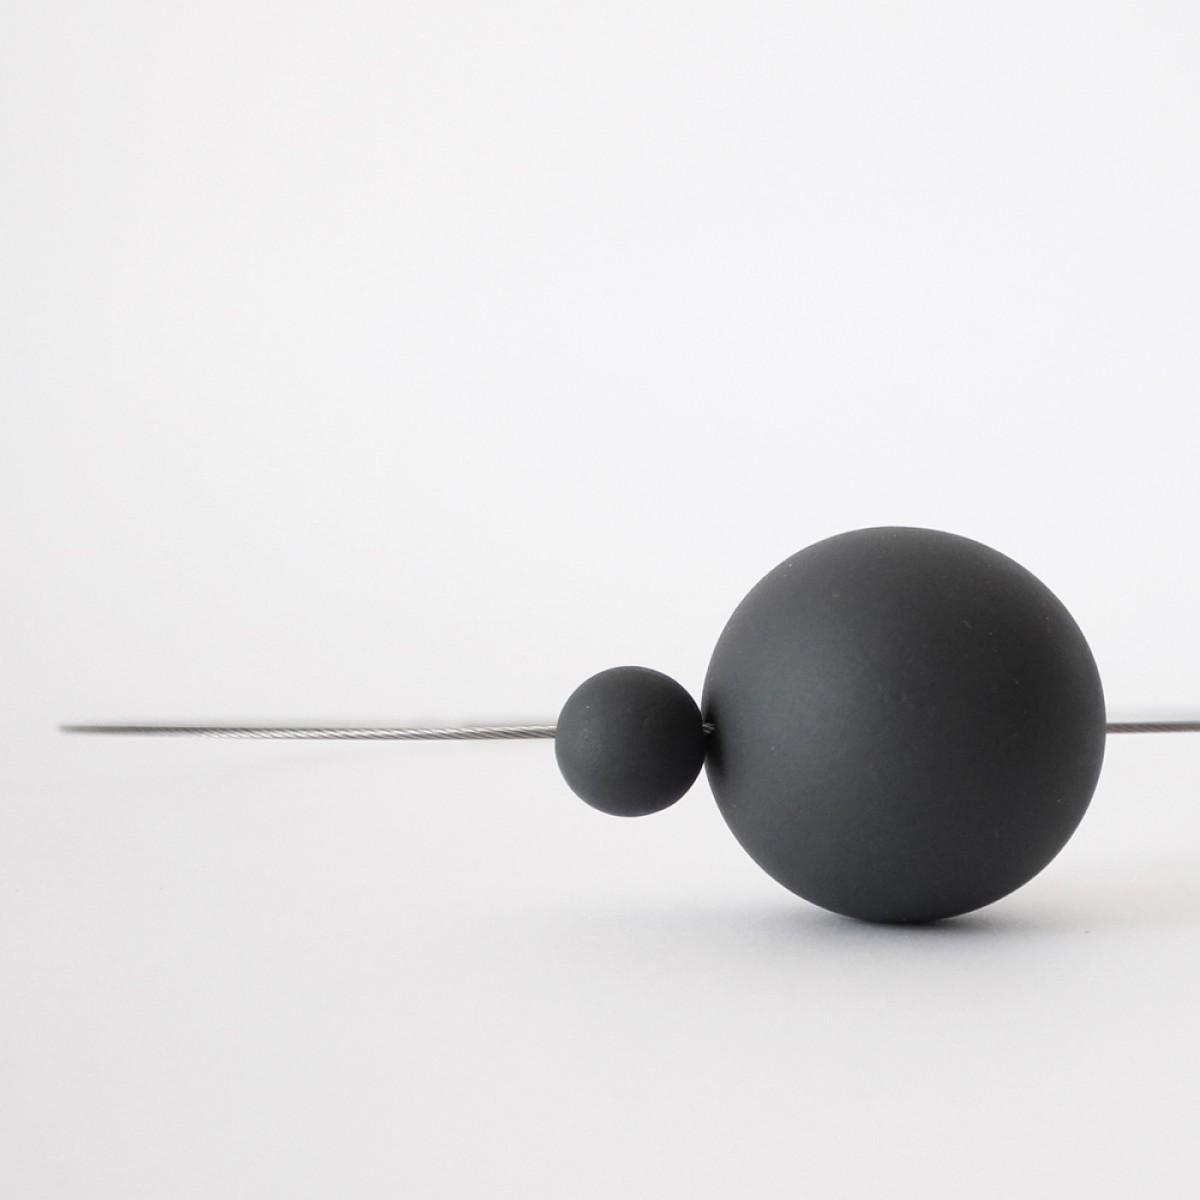 Halskette URANO Schwarze Porzellan [Limitierte Auflage: 50 Stücke] aus der SATELLITE Kollektion by ORTOGONALE